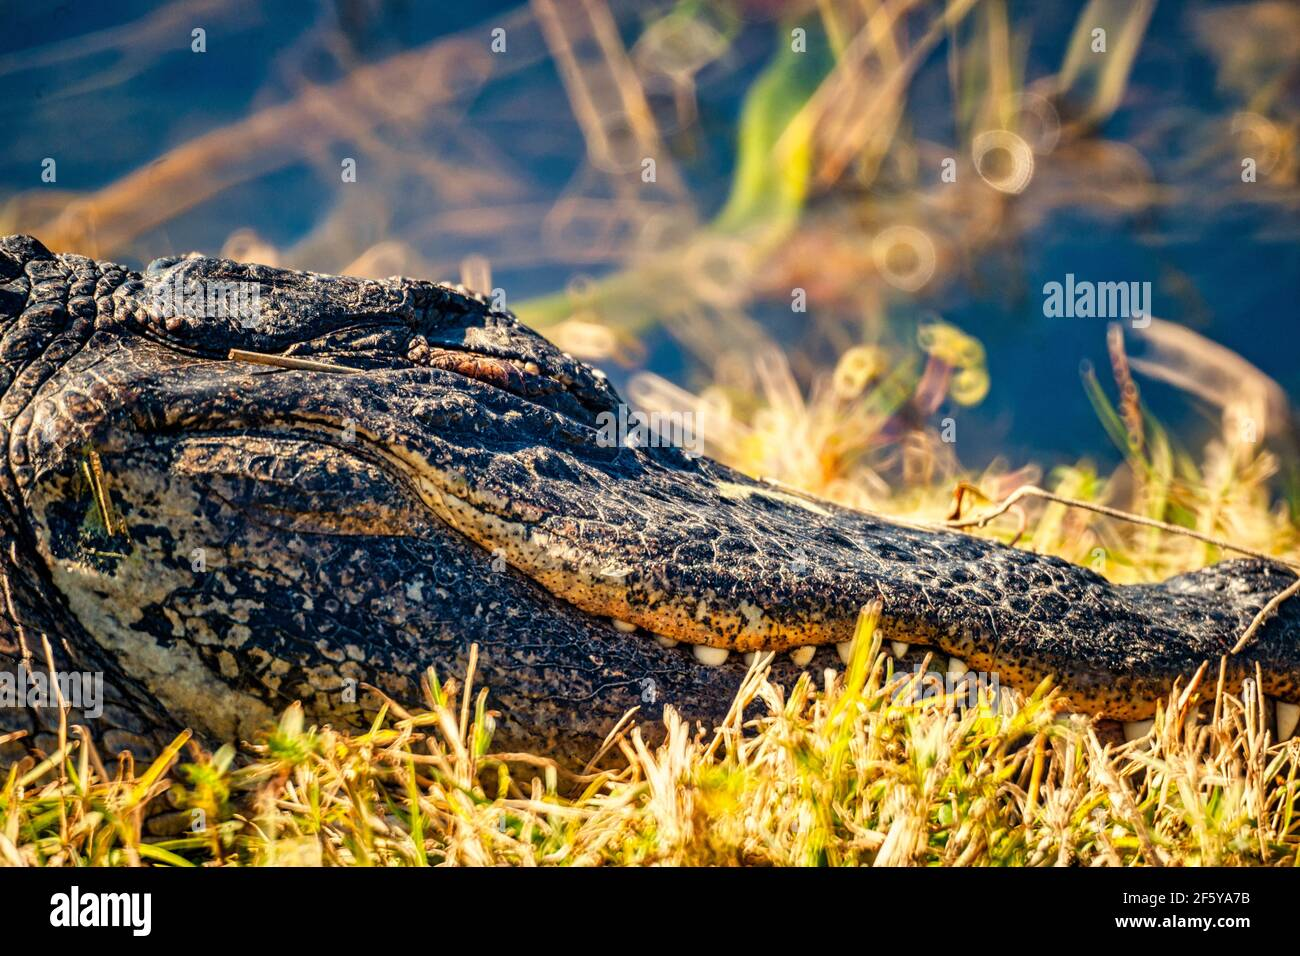 Primo piano della testa di un alligatore lungo un corso d'acqua a Shark Valley nel Parco Nazionale delle Everglades in Florida. Foto Stock